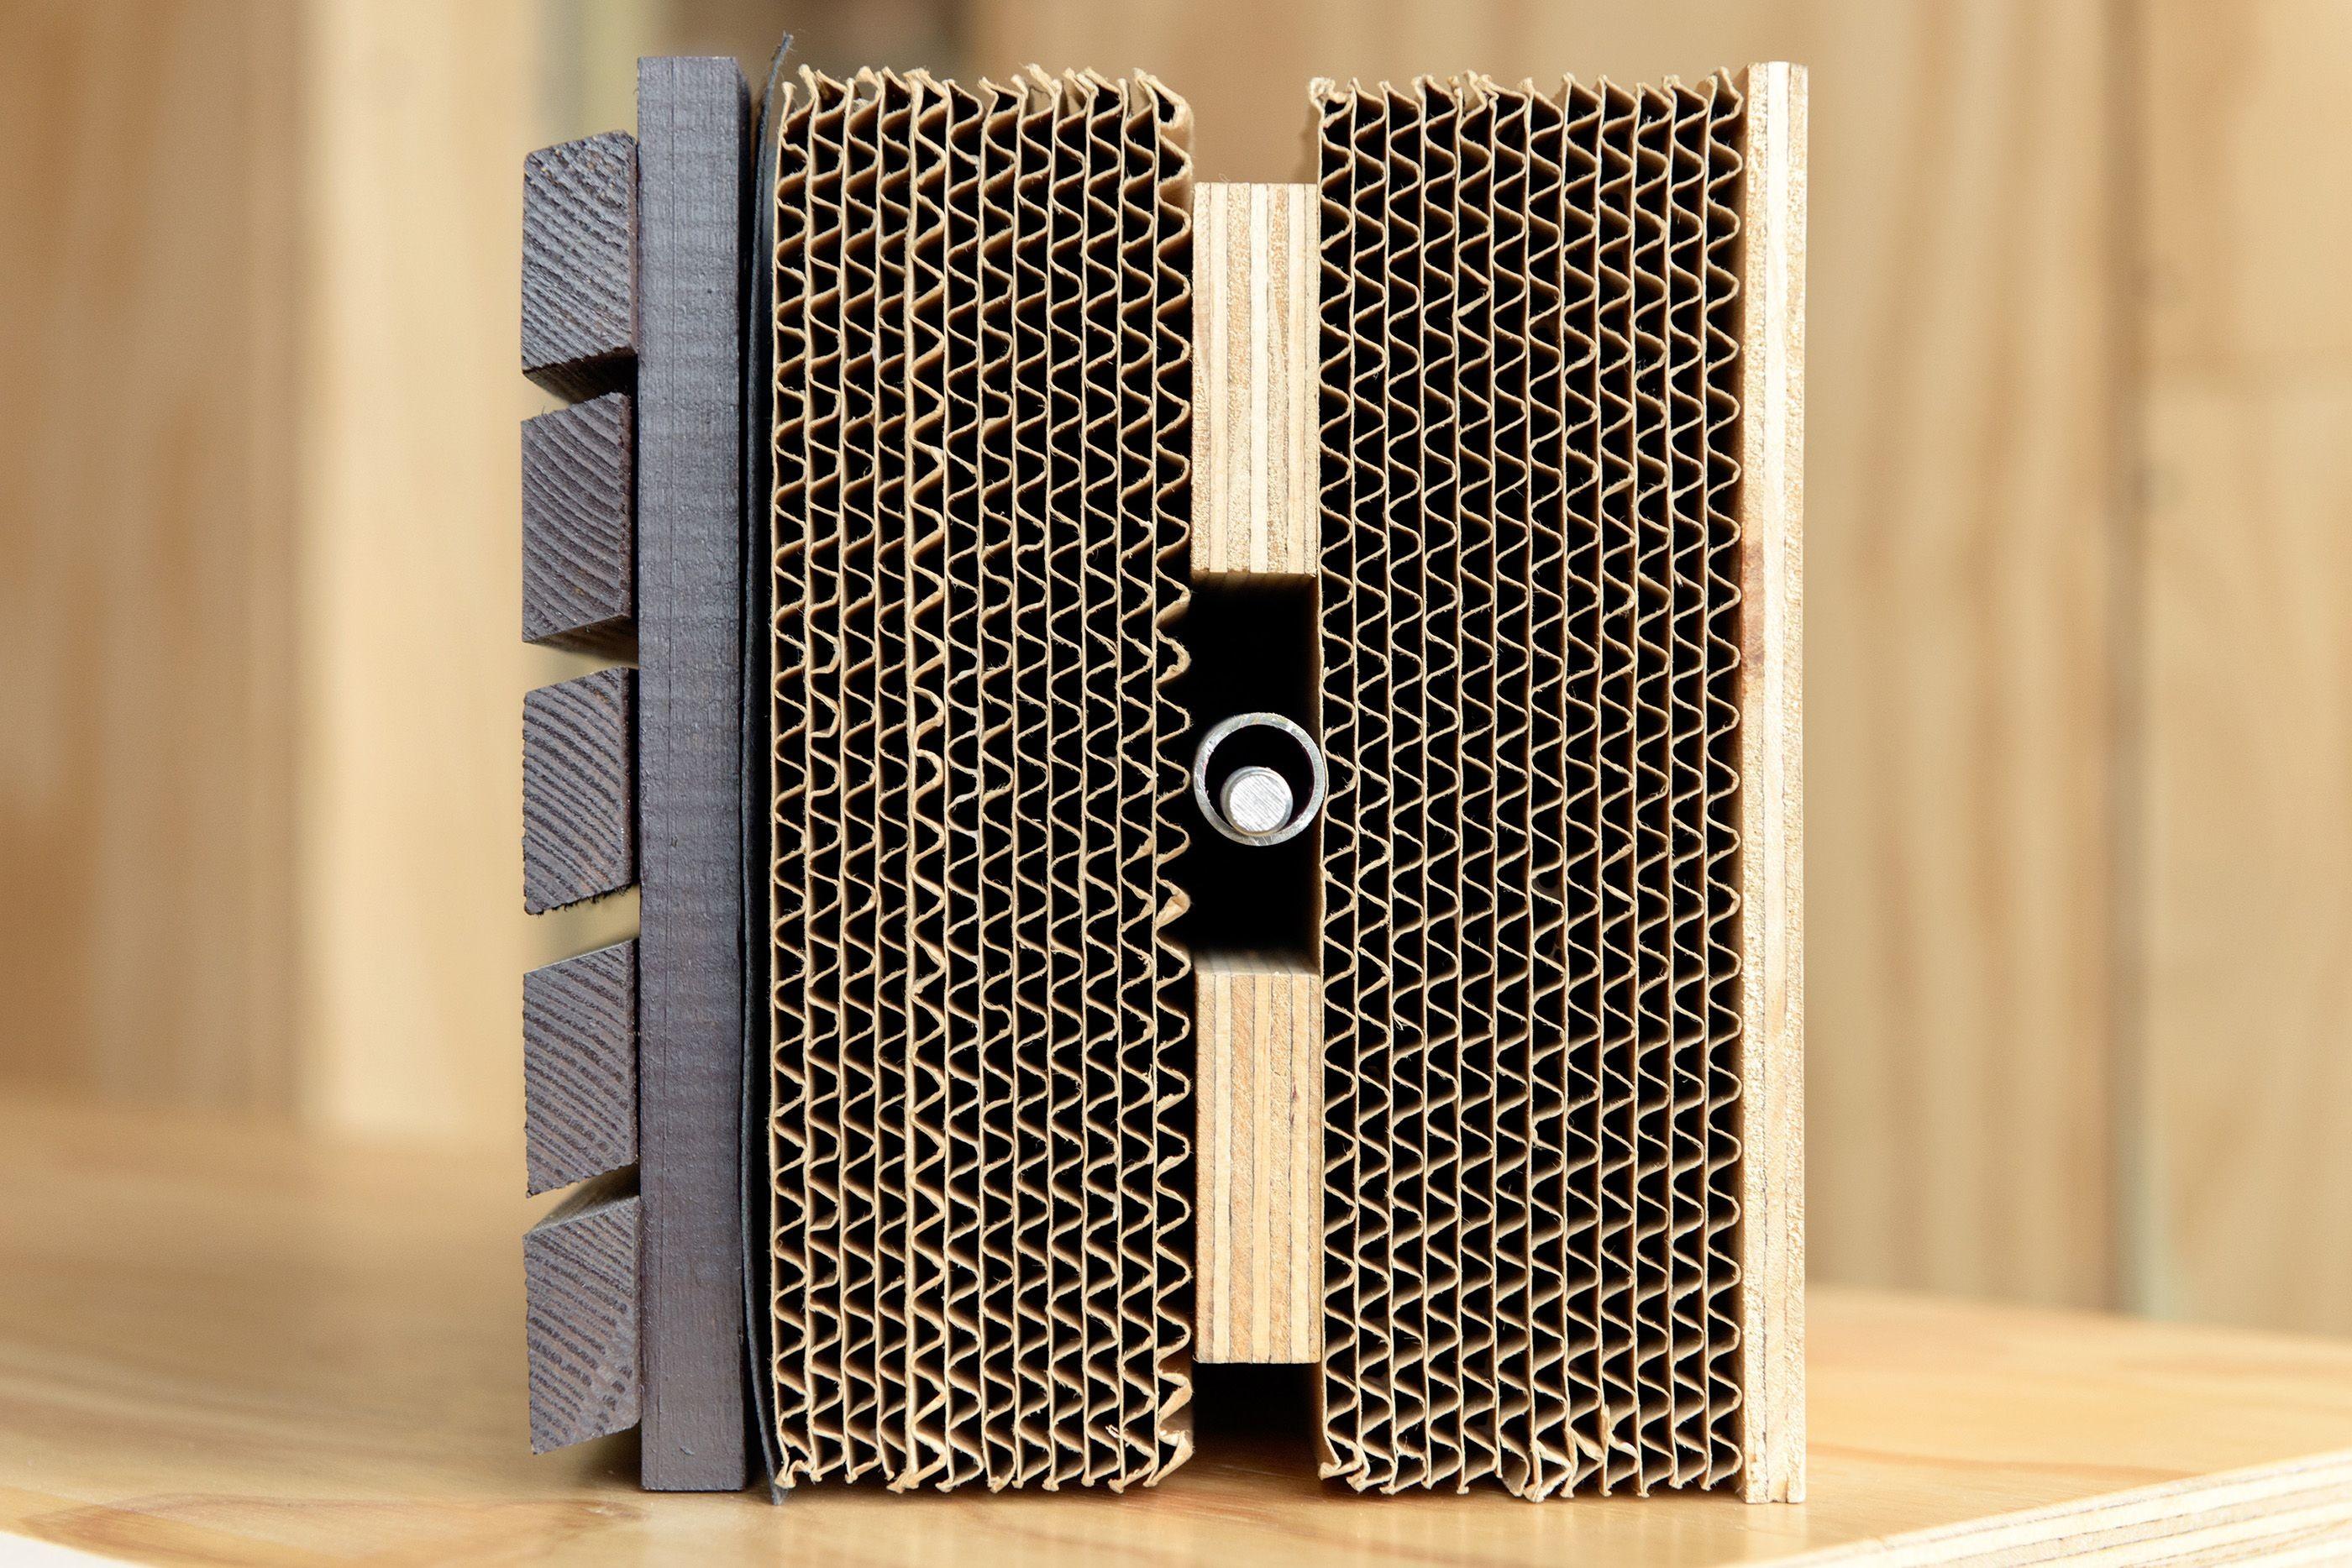 Querschnitt eines Segments (von rechts nach links): Holzverkleidung im Innenbereich, 12 Schichten Karton, Sperrholz, weitere 12 Schichten Karton, die wasserdichte Kunststofffolie und zu guter Letzt die Fassade aus gebeiztem Kiefernholz.